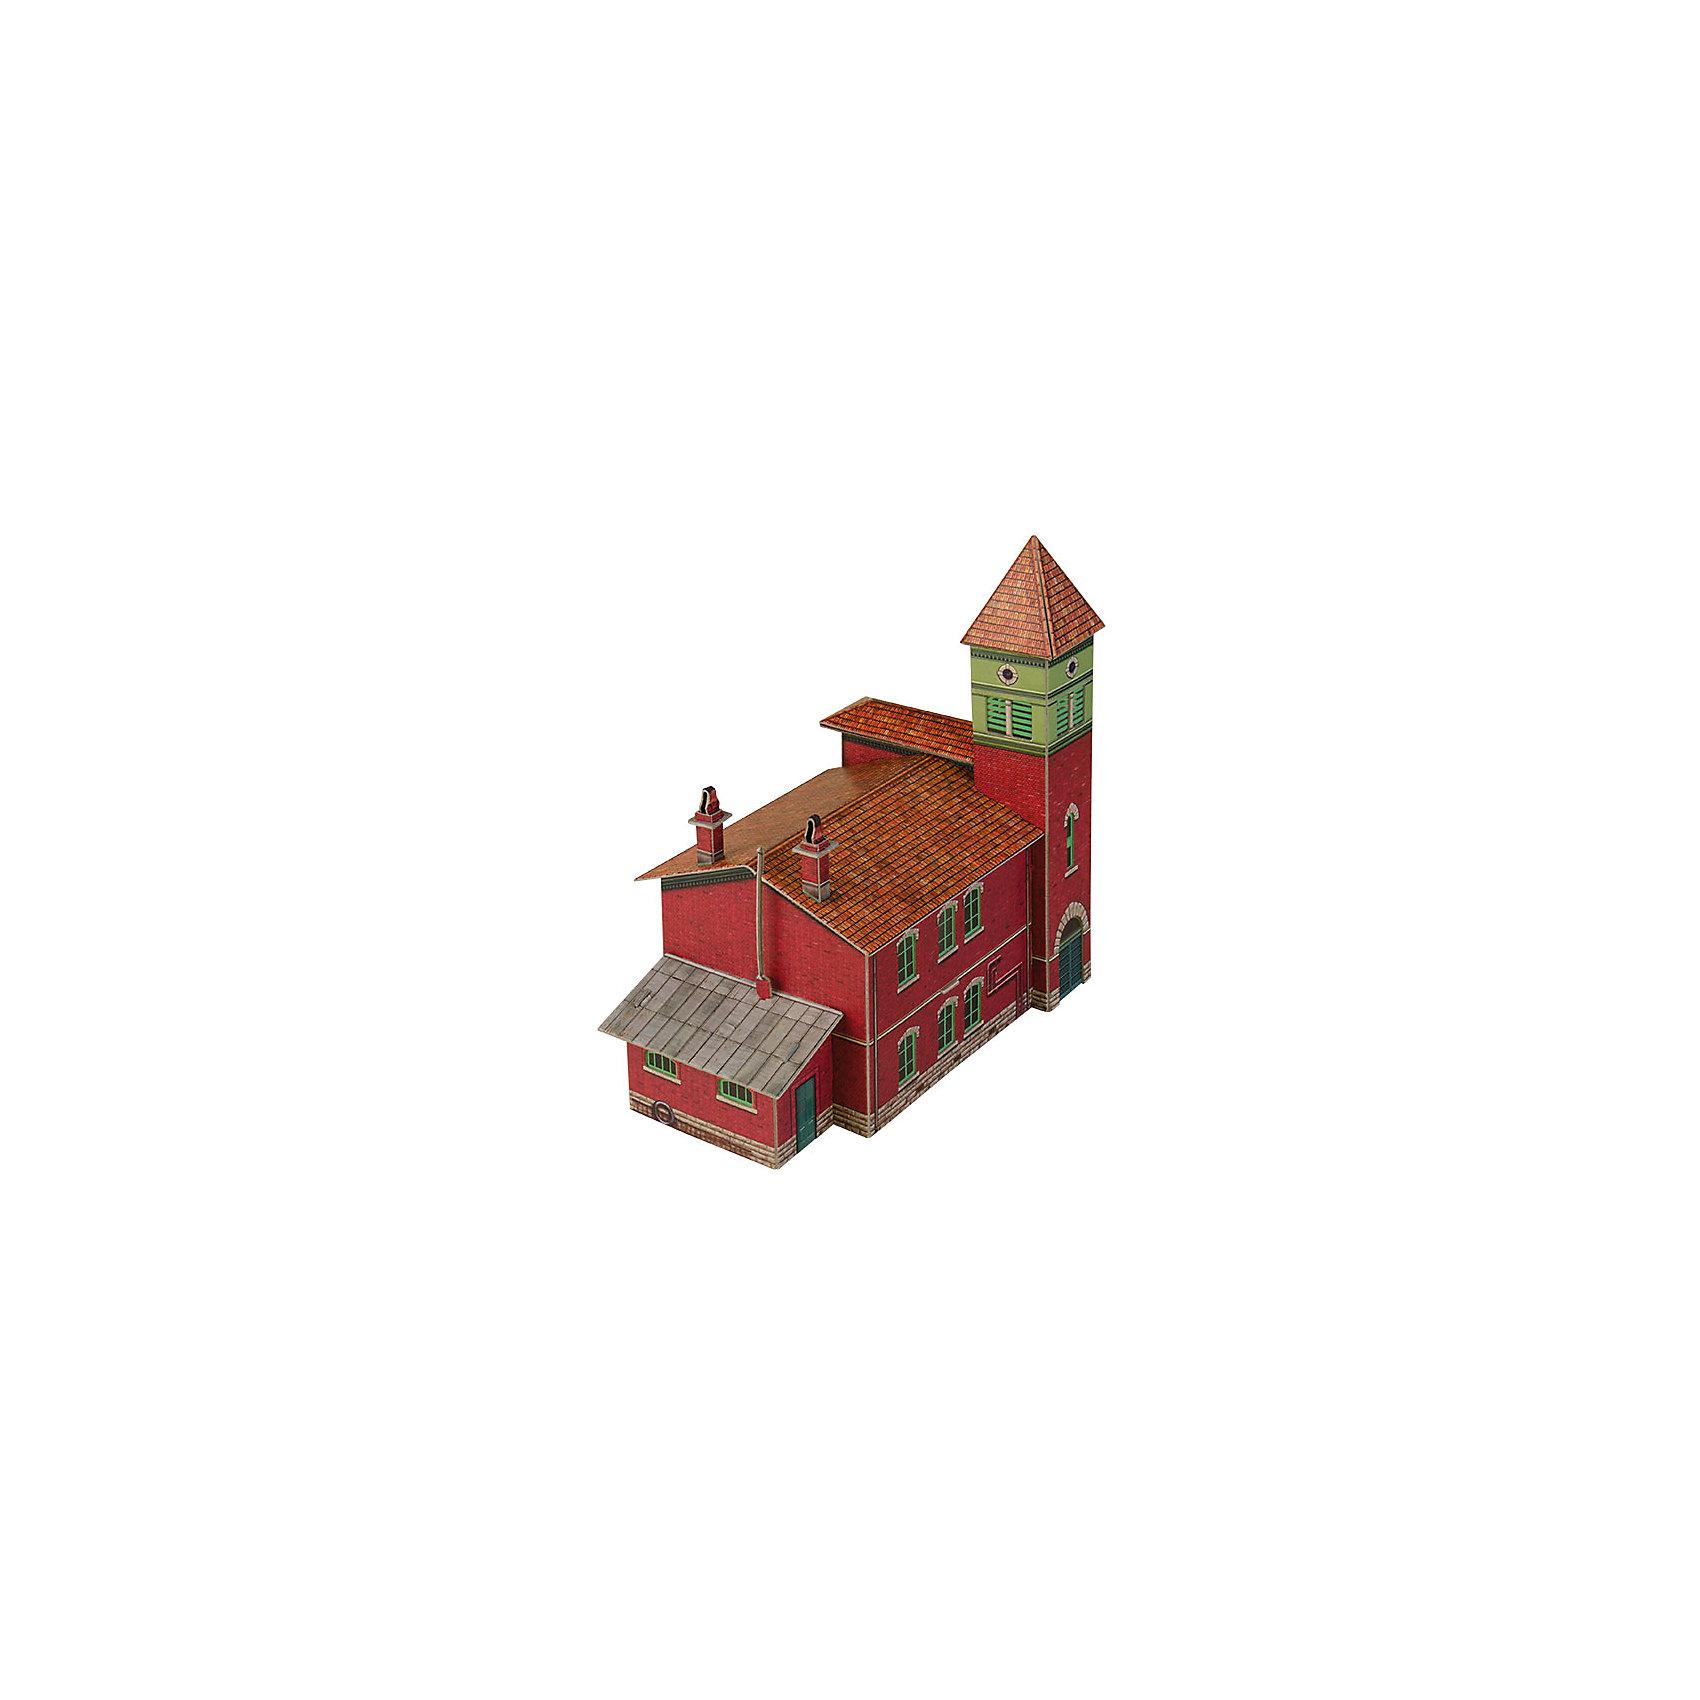 Сборная модель Пожарное депоПожарное Депо - Сборная модель из картона. Серия: Масштабные модели.  Количество деталей, шт: 57. Размер в собранном виде, см: Депо - 17 х 18 х 10. Пожарная машина - 6 х 3 х 2. Размер упаковки, мм.:  высота 340 ширина 243 глубина 3. Тип упаковки: Картонная коробка. Вес, гр.: 156. Возраст: от 9 лет. Все модели и игрушки, созданные по технологии УМНАЯ БУМАГА собираются без ножниц и клея, что является их неповторимой особенностью.<br>Принцип соединения деталей запатентован. Соединения деталей продуманы и просчитаны с такой точностью, что при правильной сборке с моделью можно играть, как с обычной игрушкой.<br><br>Ширина мм: 243<br>Глубина мм: 3<br>Высота мм: 340<br>Вес г: 156<br>Возраст от месяцев: 84<br>Возраст до месяцев: 2147483647<br>Пол: Унисекс<br>Возраст: Детский<br>SKU: 4807462